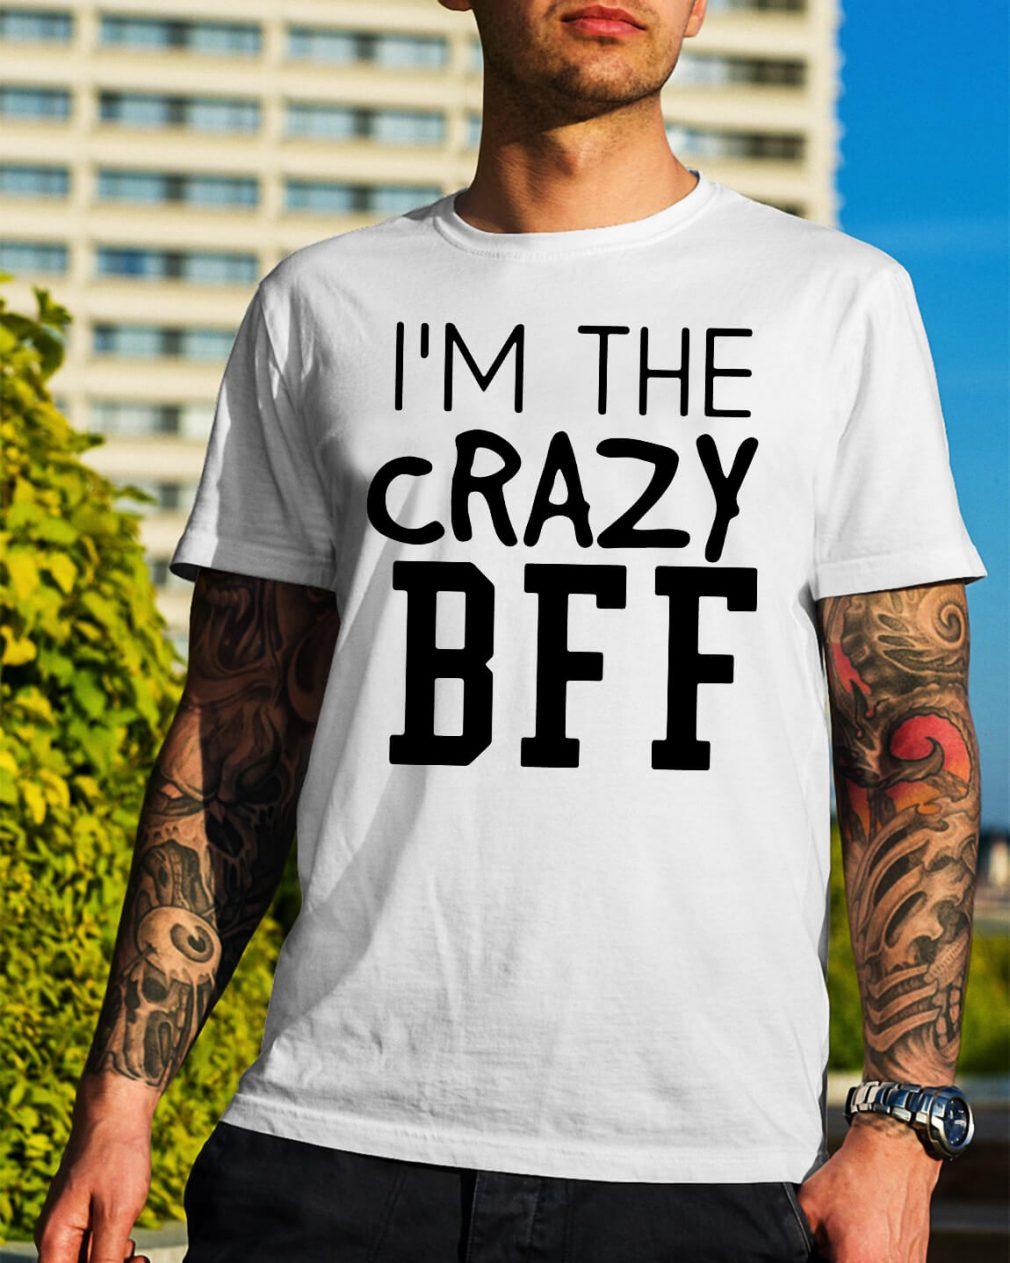 I'm the crazy bff shirt